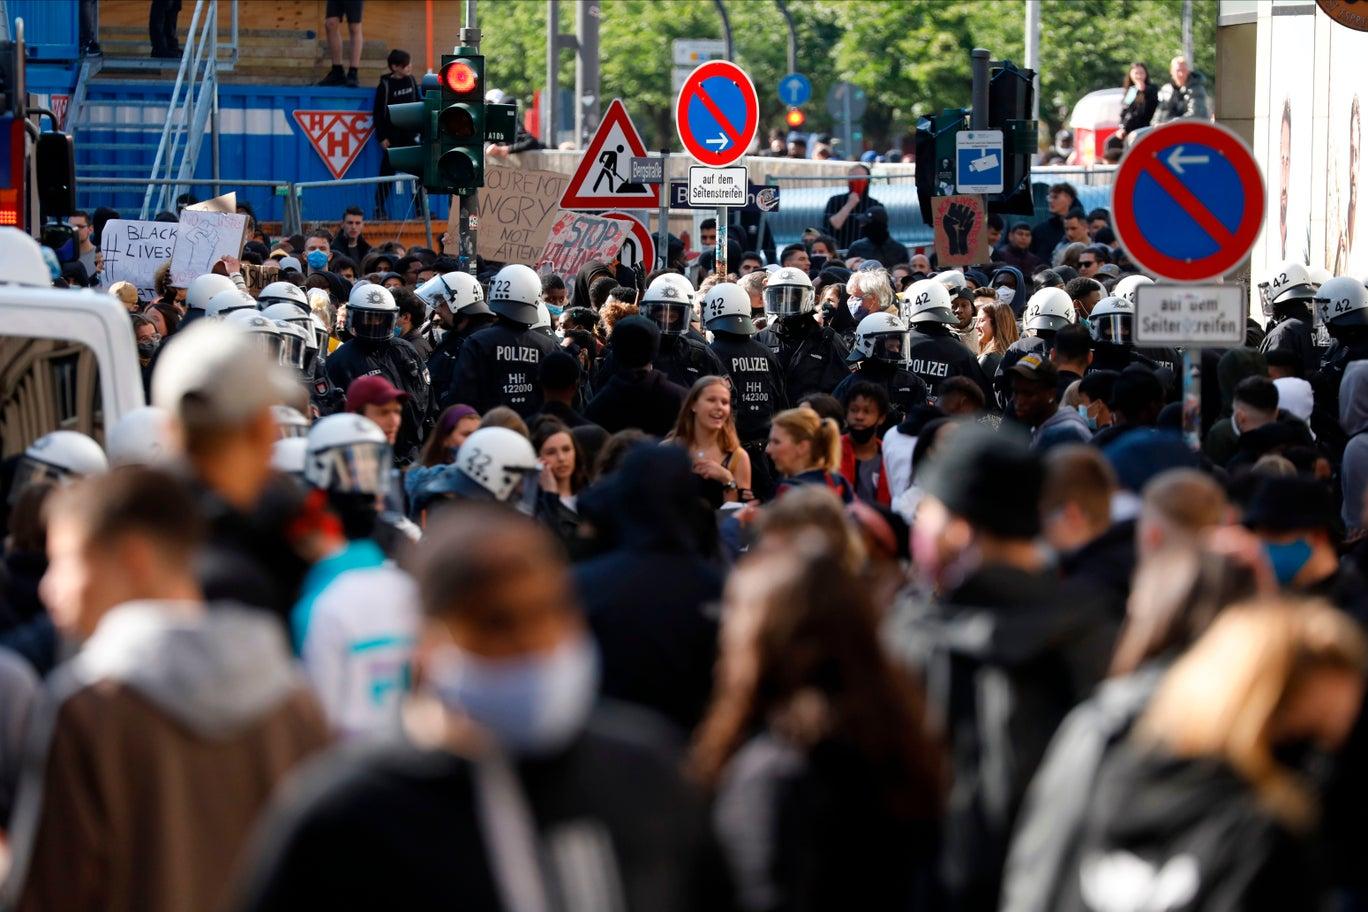 تشارك قوات الأمن الألمانية في مكافحة الحركات المعادية للمهاجرين